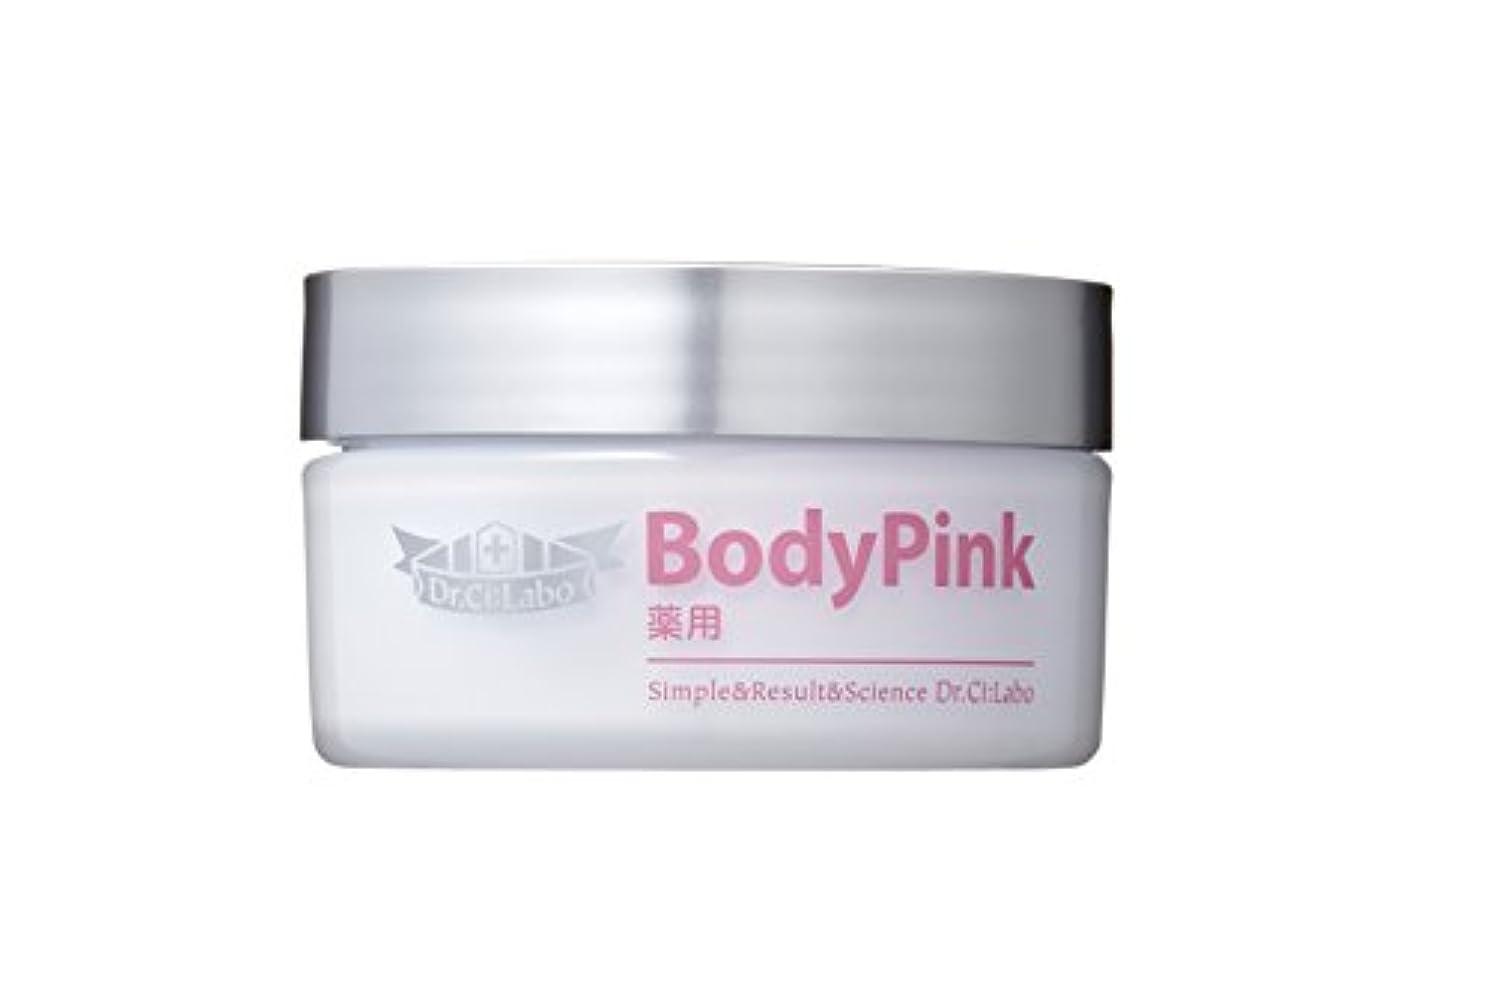 マオリ砂の影響力のあるドクターシーラボ 薬用ボディ?ピンク ボディクリーム 単品 50g